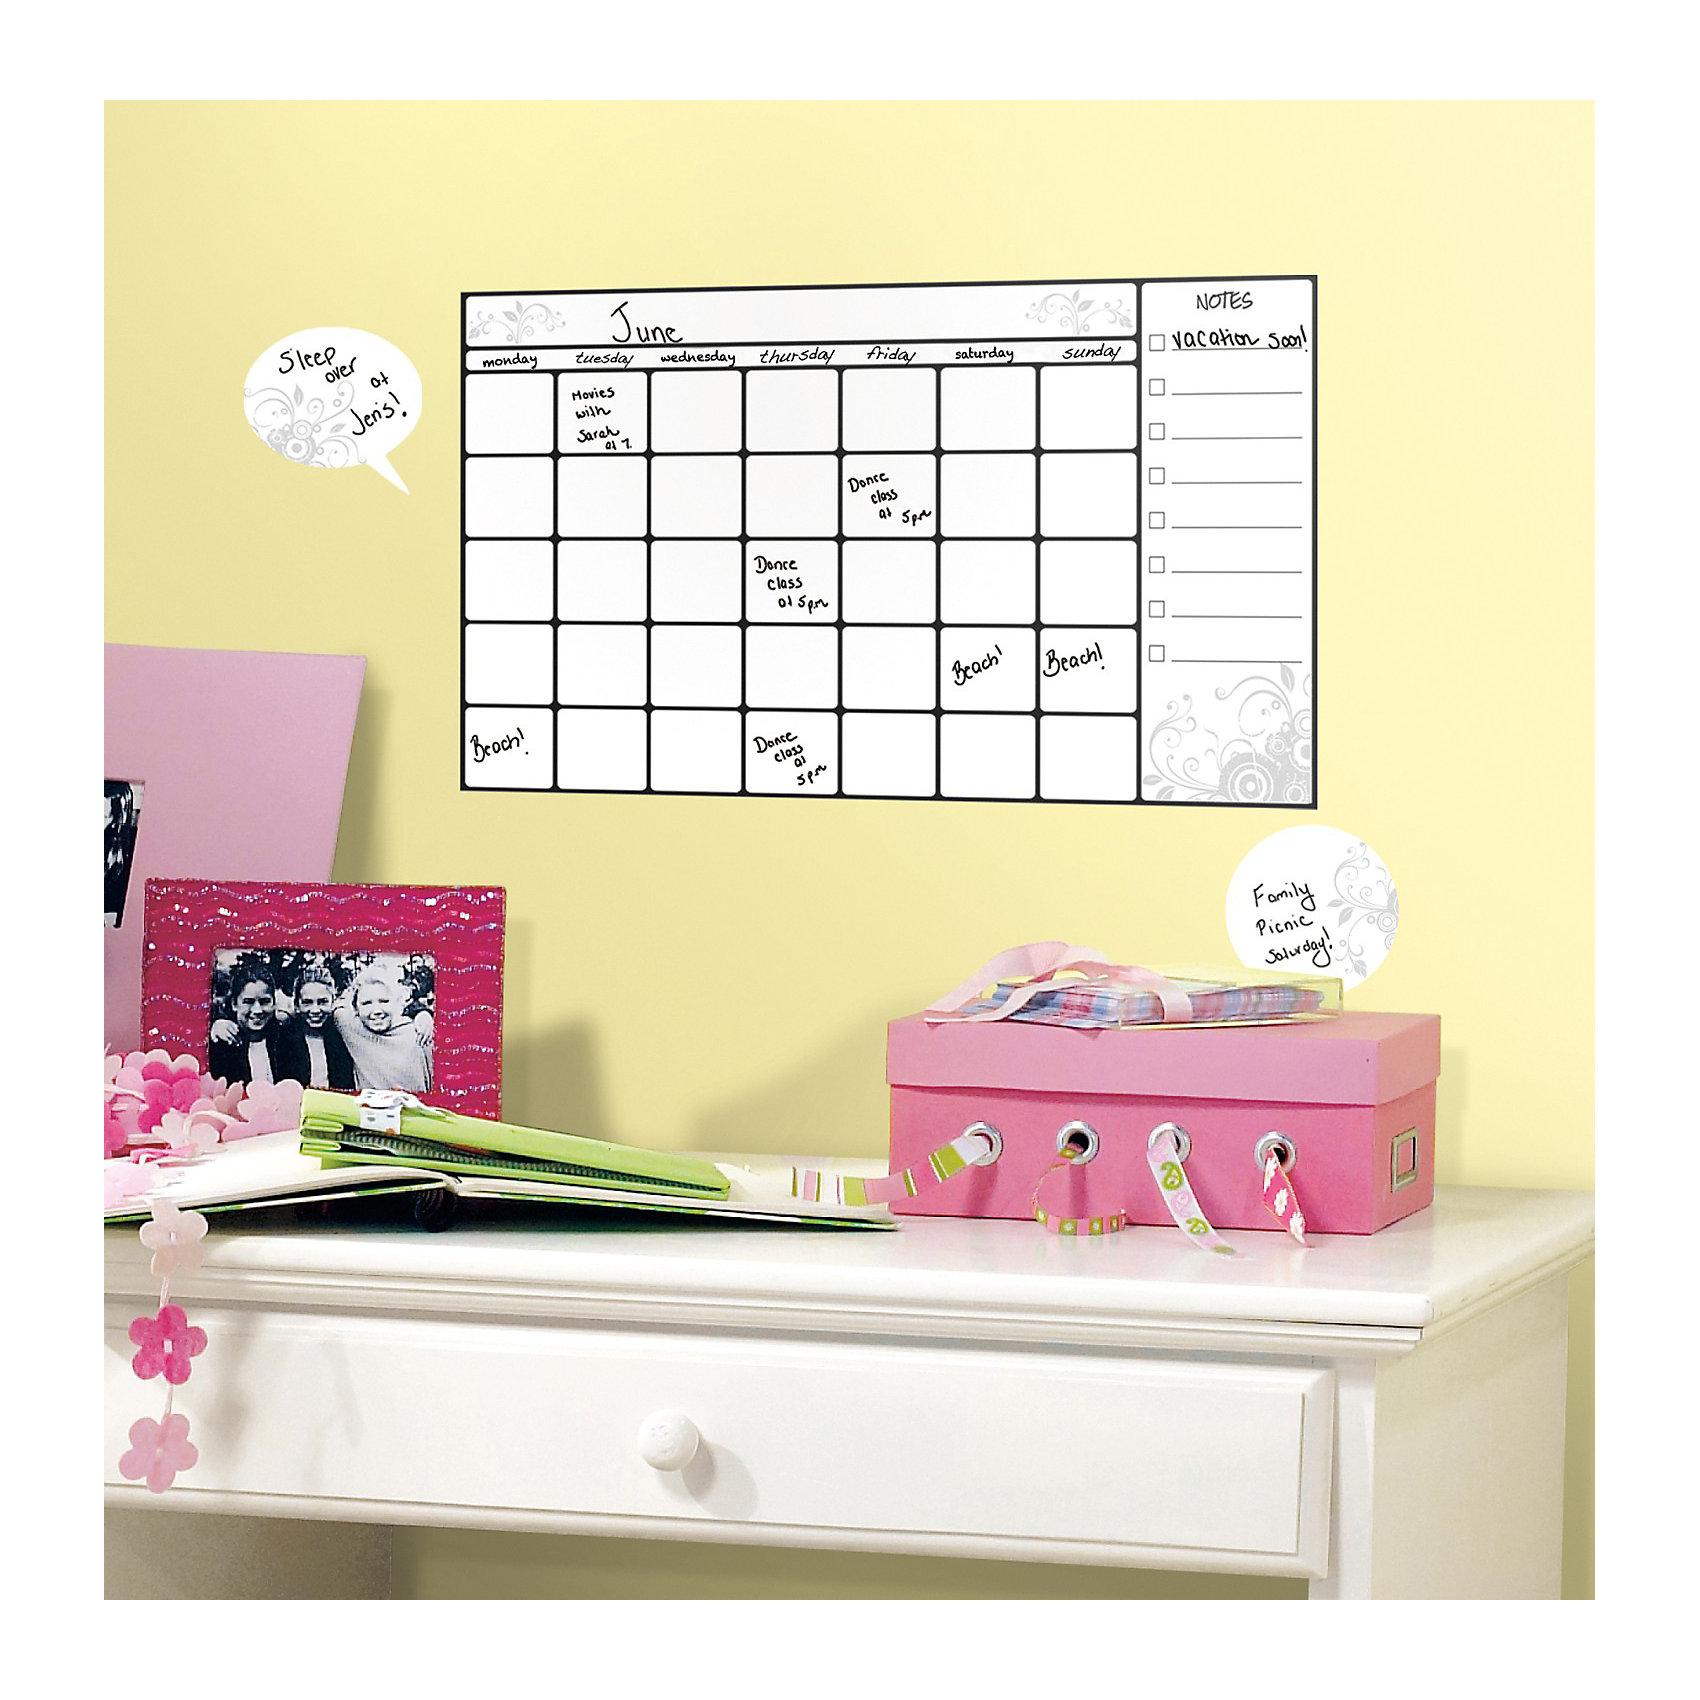 Наклейки для декора Календарь для заметок (стирающиеся записи)Предметы интерьера<br>Наклейки для декора Календарь для заметок стирающийся от знаменитого производителя RoomMates станут украшением детской комнаты! Наклейка, входящая в набор, содержит изображение сетки календаря и поля для заметок. Ваш ребенок сможет оставлять пометки маркером на этой наклейке, как на белой доске - и они будут легко стираться! Наклейки не нужно вырезать - их следует просто отсоединить от защитного слоя и поместить на стену или любую другую плоскую гладкую поверхность. Наклейки многоразовые: их легко переклеивать и снимать со стены, они не оставляют липких следов на поверхности.<br><br>Ширина мм: 266<br>Глубина мм: 123<br>Высота мм: 28<br>Вес г: 120<br>Цвет: белый<br>Возраст от месяцев: 48<br>Возраст до месяцев: 1164<br>Пол: Унисекс<br>Возраст: Детский<br>SKU: 3901205